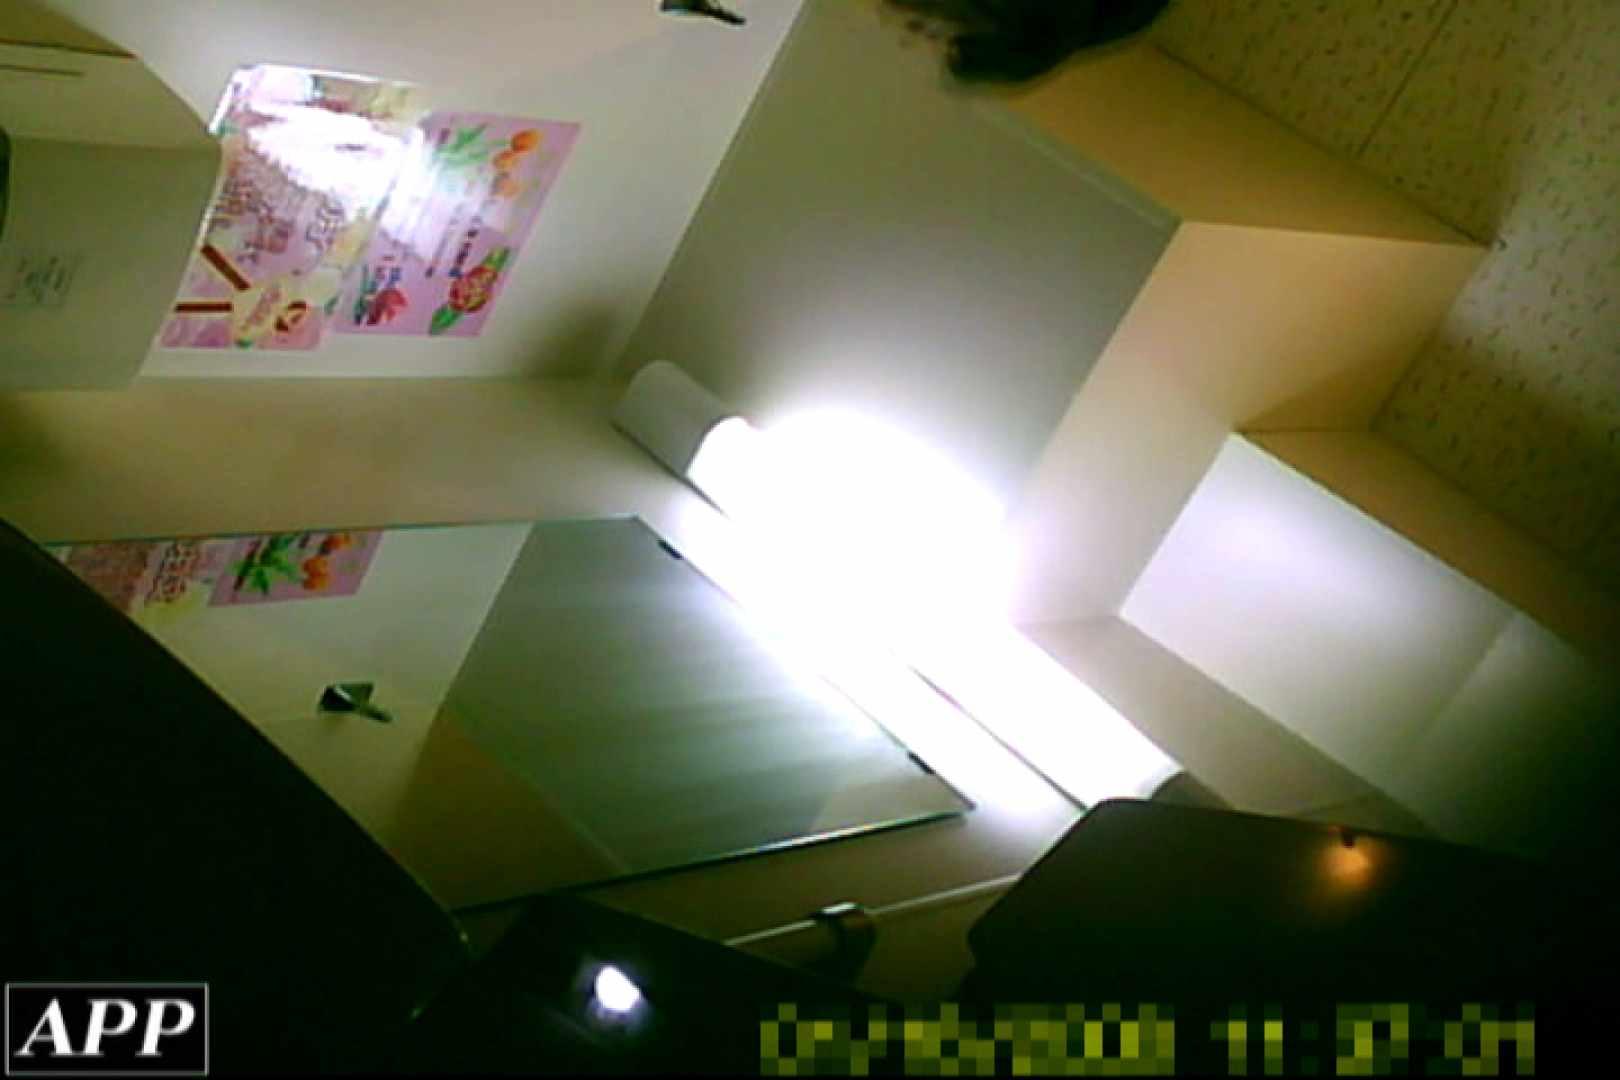 3視点洗面所 vol.127 洗面所 盗み撮り動画キャプチャ 75枚 22